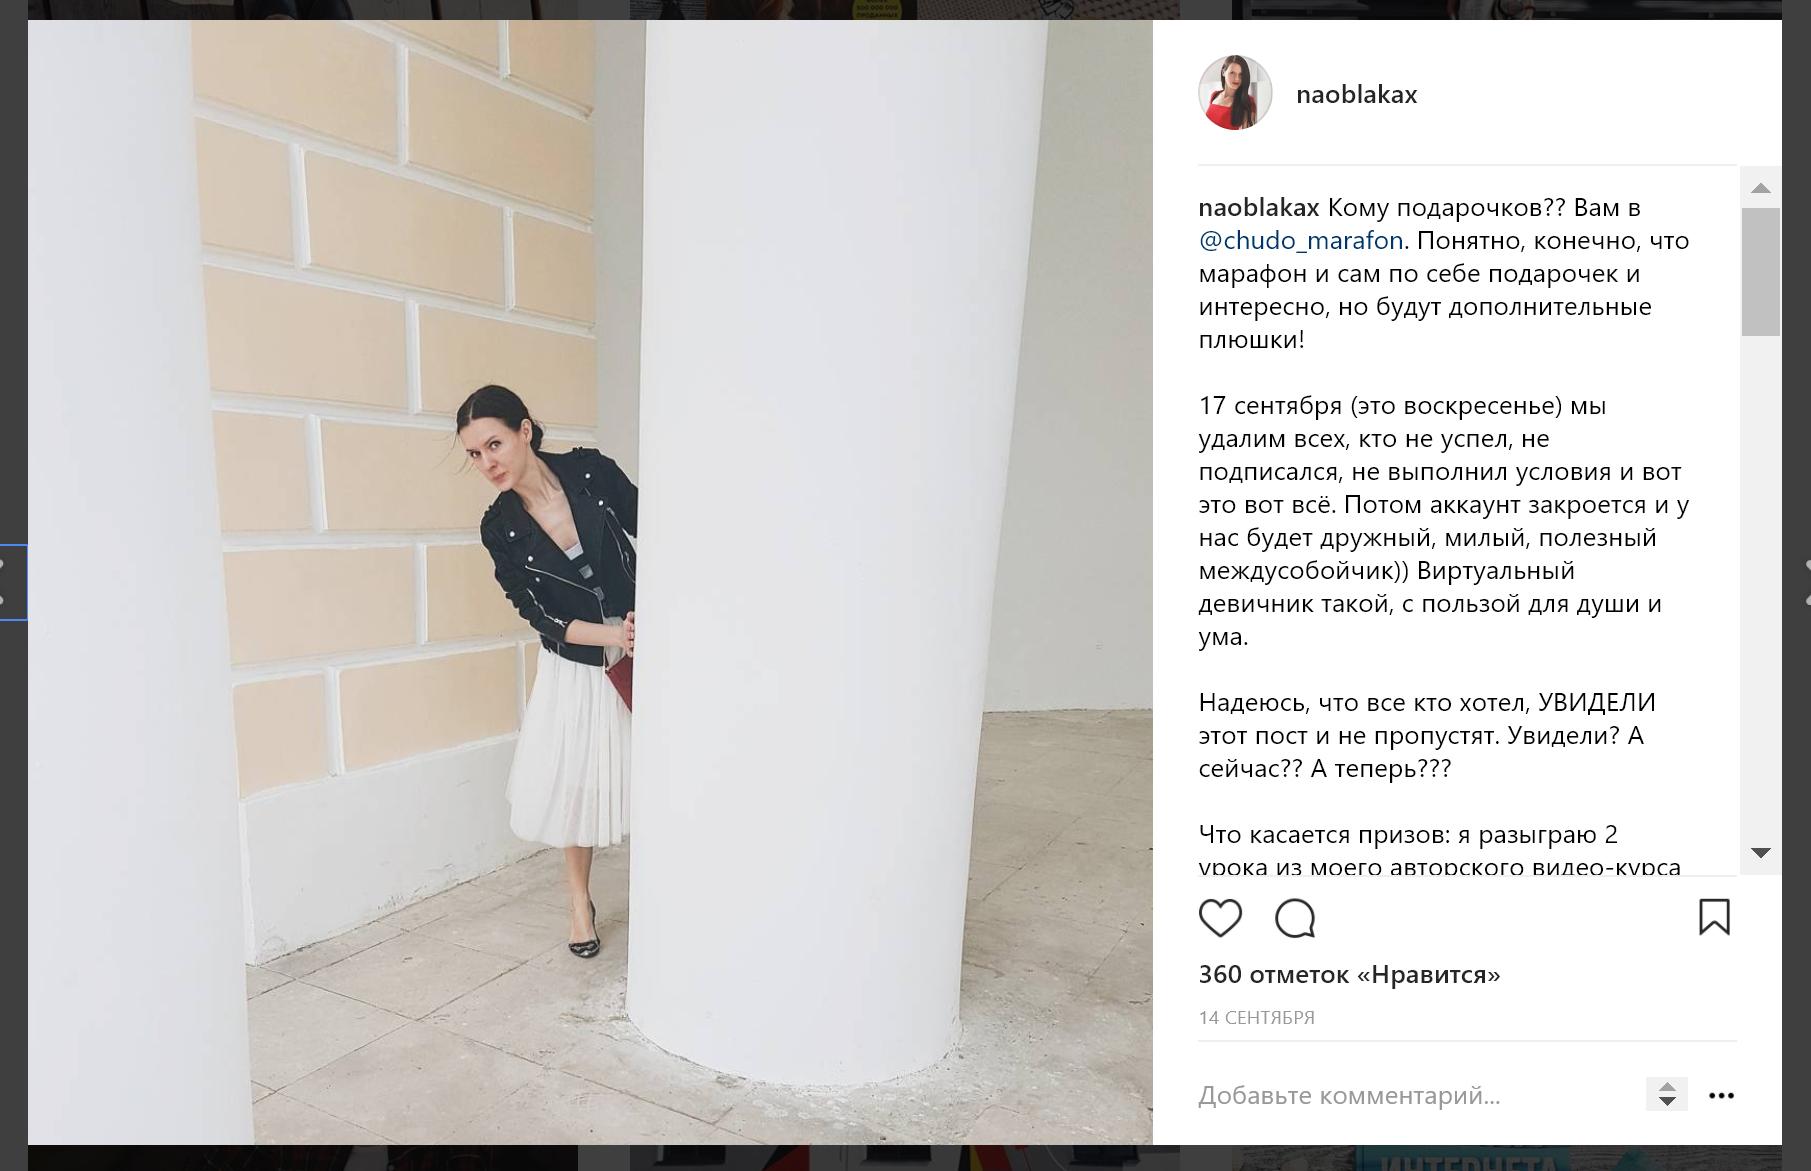 po-tu-storonu-6-idej-zachem-pryatat-instagram-posty-v-arxiv | naoblakax.ru